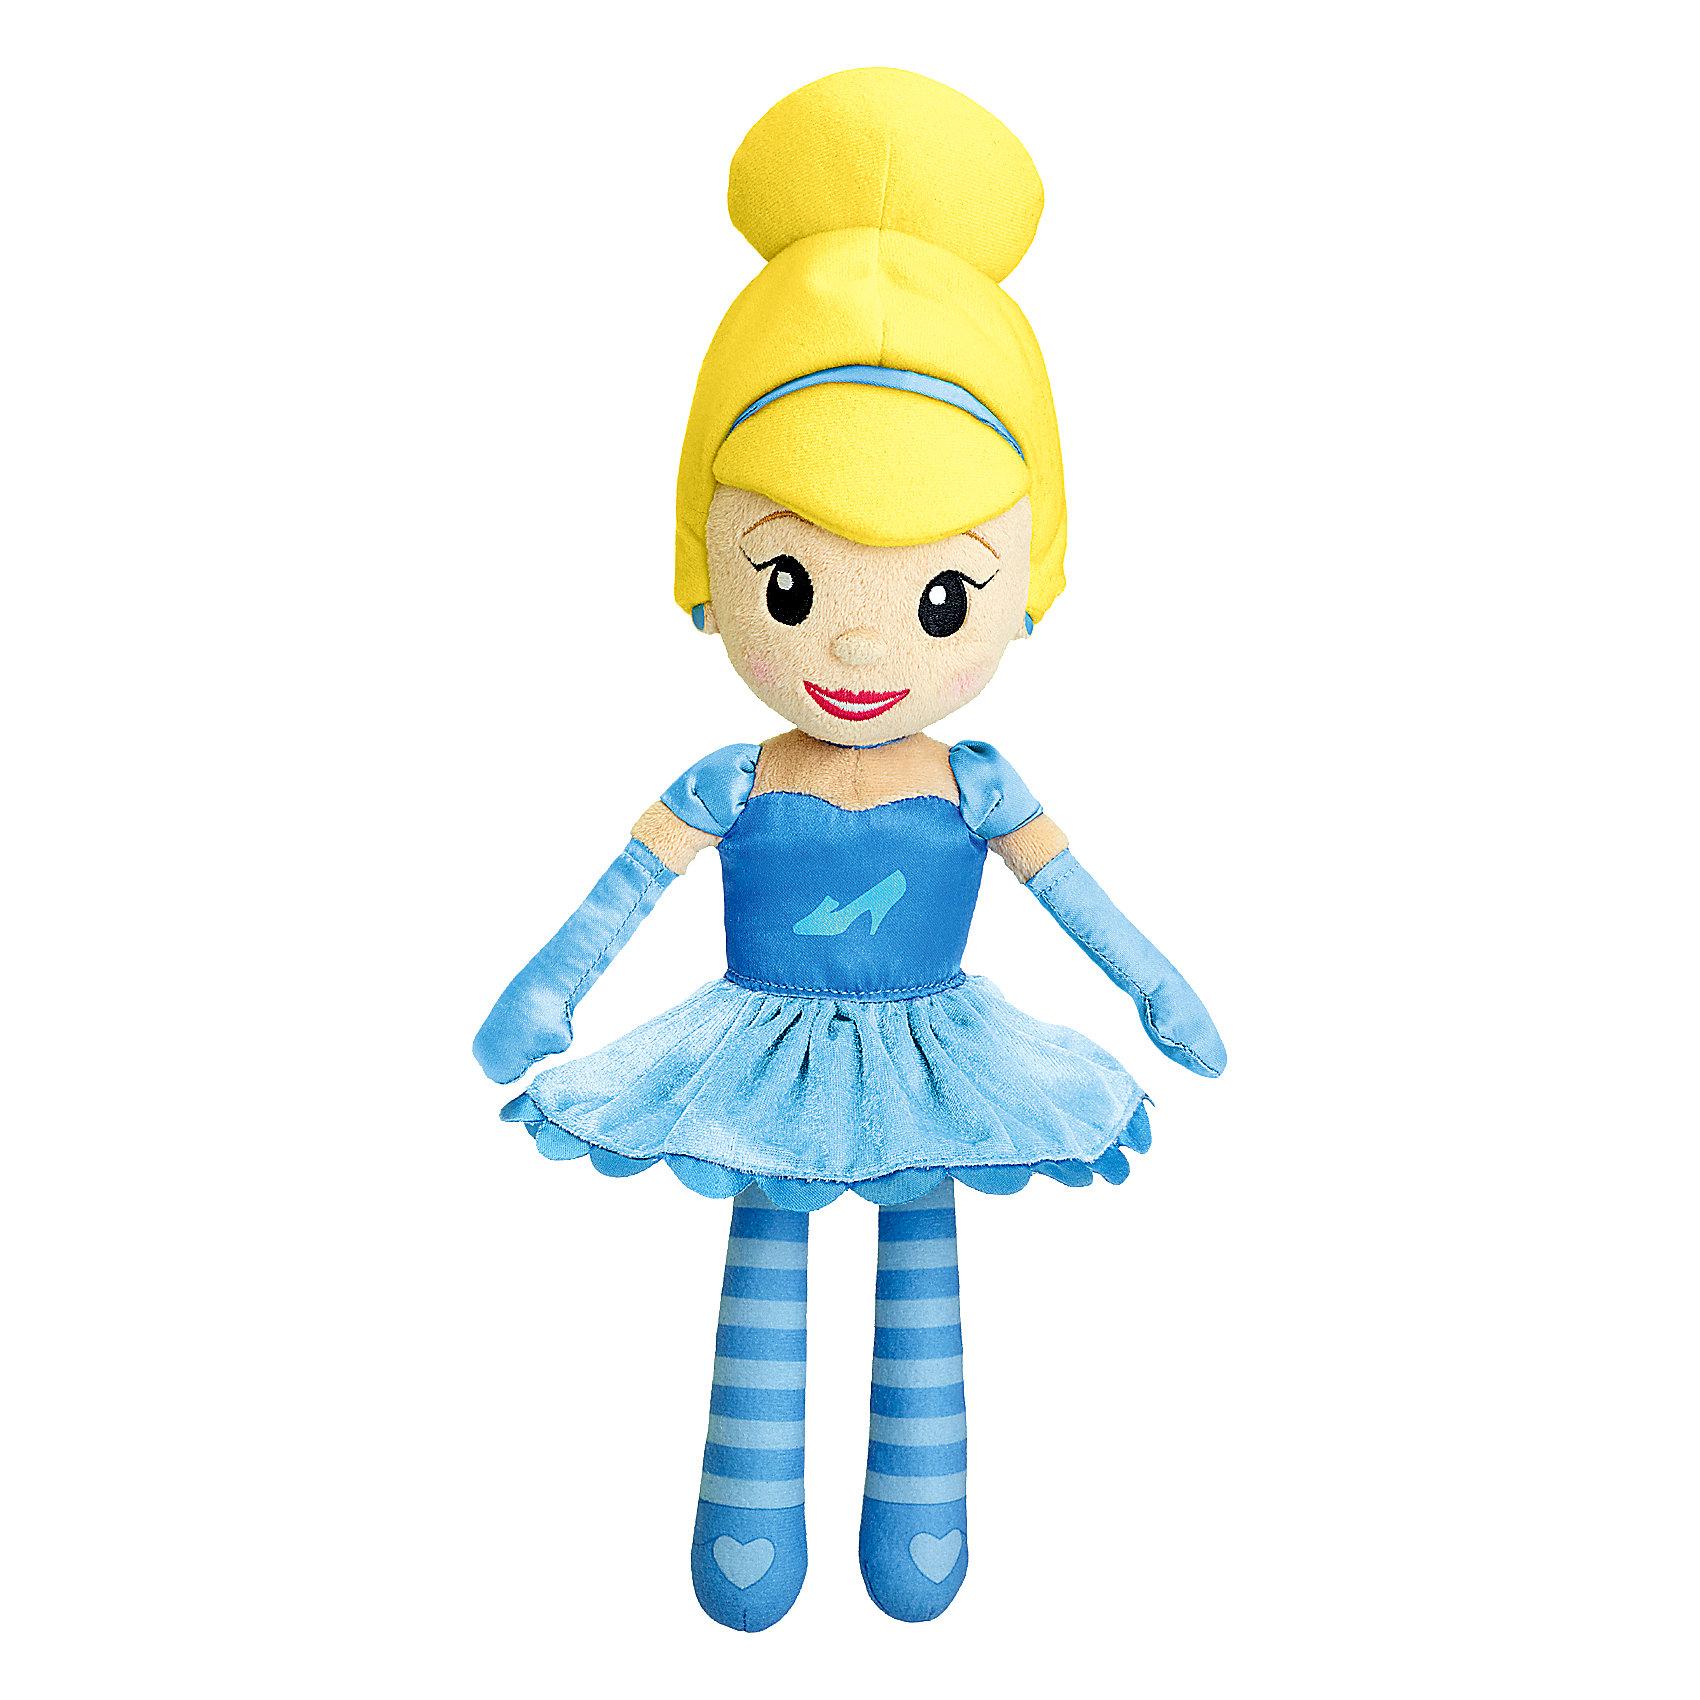 Мягкая игрушкас с мелодией Золушка, Disney, CHICCOМягкие куклы<br>Мягкая игрушкас с мелодией Золушка, Disney, CHICCO (ЧИКО) – эта музыкальная кукла перенесет девочку в магический мир Принцесс Disney.<br>Кукла «Золушка» сделана из мягкой ткани и прекрасно подойдет для малышек с 18 месяцев. Кукла одета в нарядное платье для бала, ее образ дополняют элегантные аксессуары и праздничная прическа. Если нажать на животик Золушки, то вы услышите приятные мелодии, которые напомнят чудесную историю этой принцессы из всеми любимого анимационного фильма. Мягкая привлекательная кукла станет любимой игрушкой вашей маленькой принцессы!<br><br>Дополнительная информация:<br><br>- Размер куклы: 35 см.<br>- Материал: текстиль, наполнитель<br>- Батарейки: 3 х LR44 1,5 В (включены в комплект)<br>- Размер упаковки: 39 х 15 х 10 см.<br>- Уход: допускается машинная стирка игрушки при 30 градусах, предварительно вынув электронный модуль<br><br>Мягкую игрушку с мелодией Золушка, Disney, CHICCO (ЧИКО) можно купить в нашем интернет-магазине.<br><br>Ширина мм: 412<br>Глубина мм: 167<br>Высота мм: 121<br>Вес г: 331<br>Возраст от месяцев: 18<br>Возраст до месяцев: 36<br>Пол: Женский<br>Возраст: Детский<br>SKU: 4162847